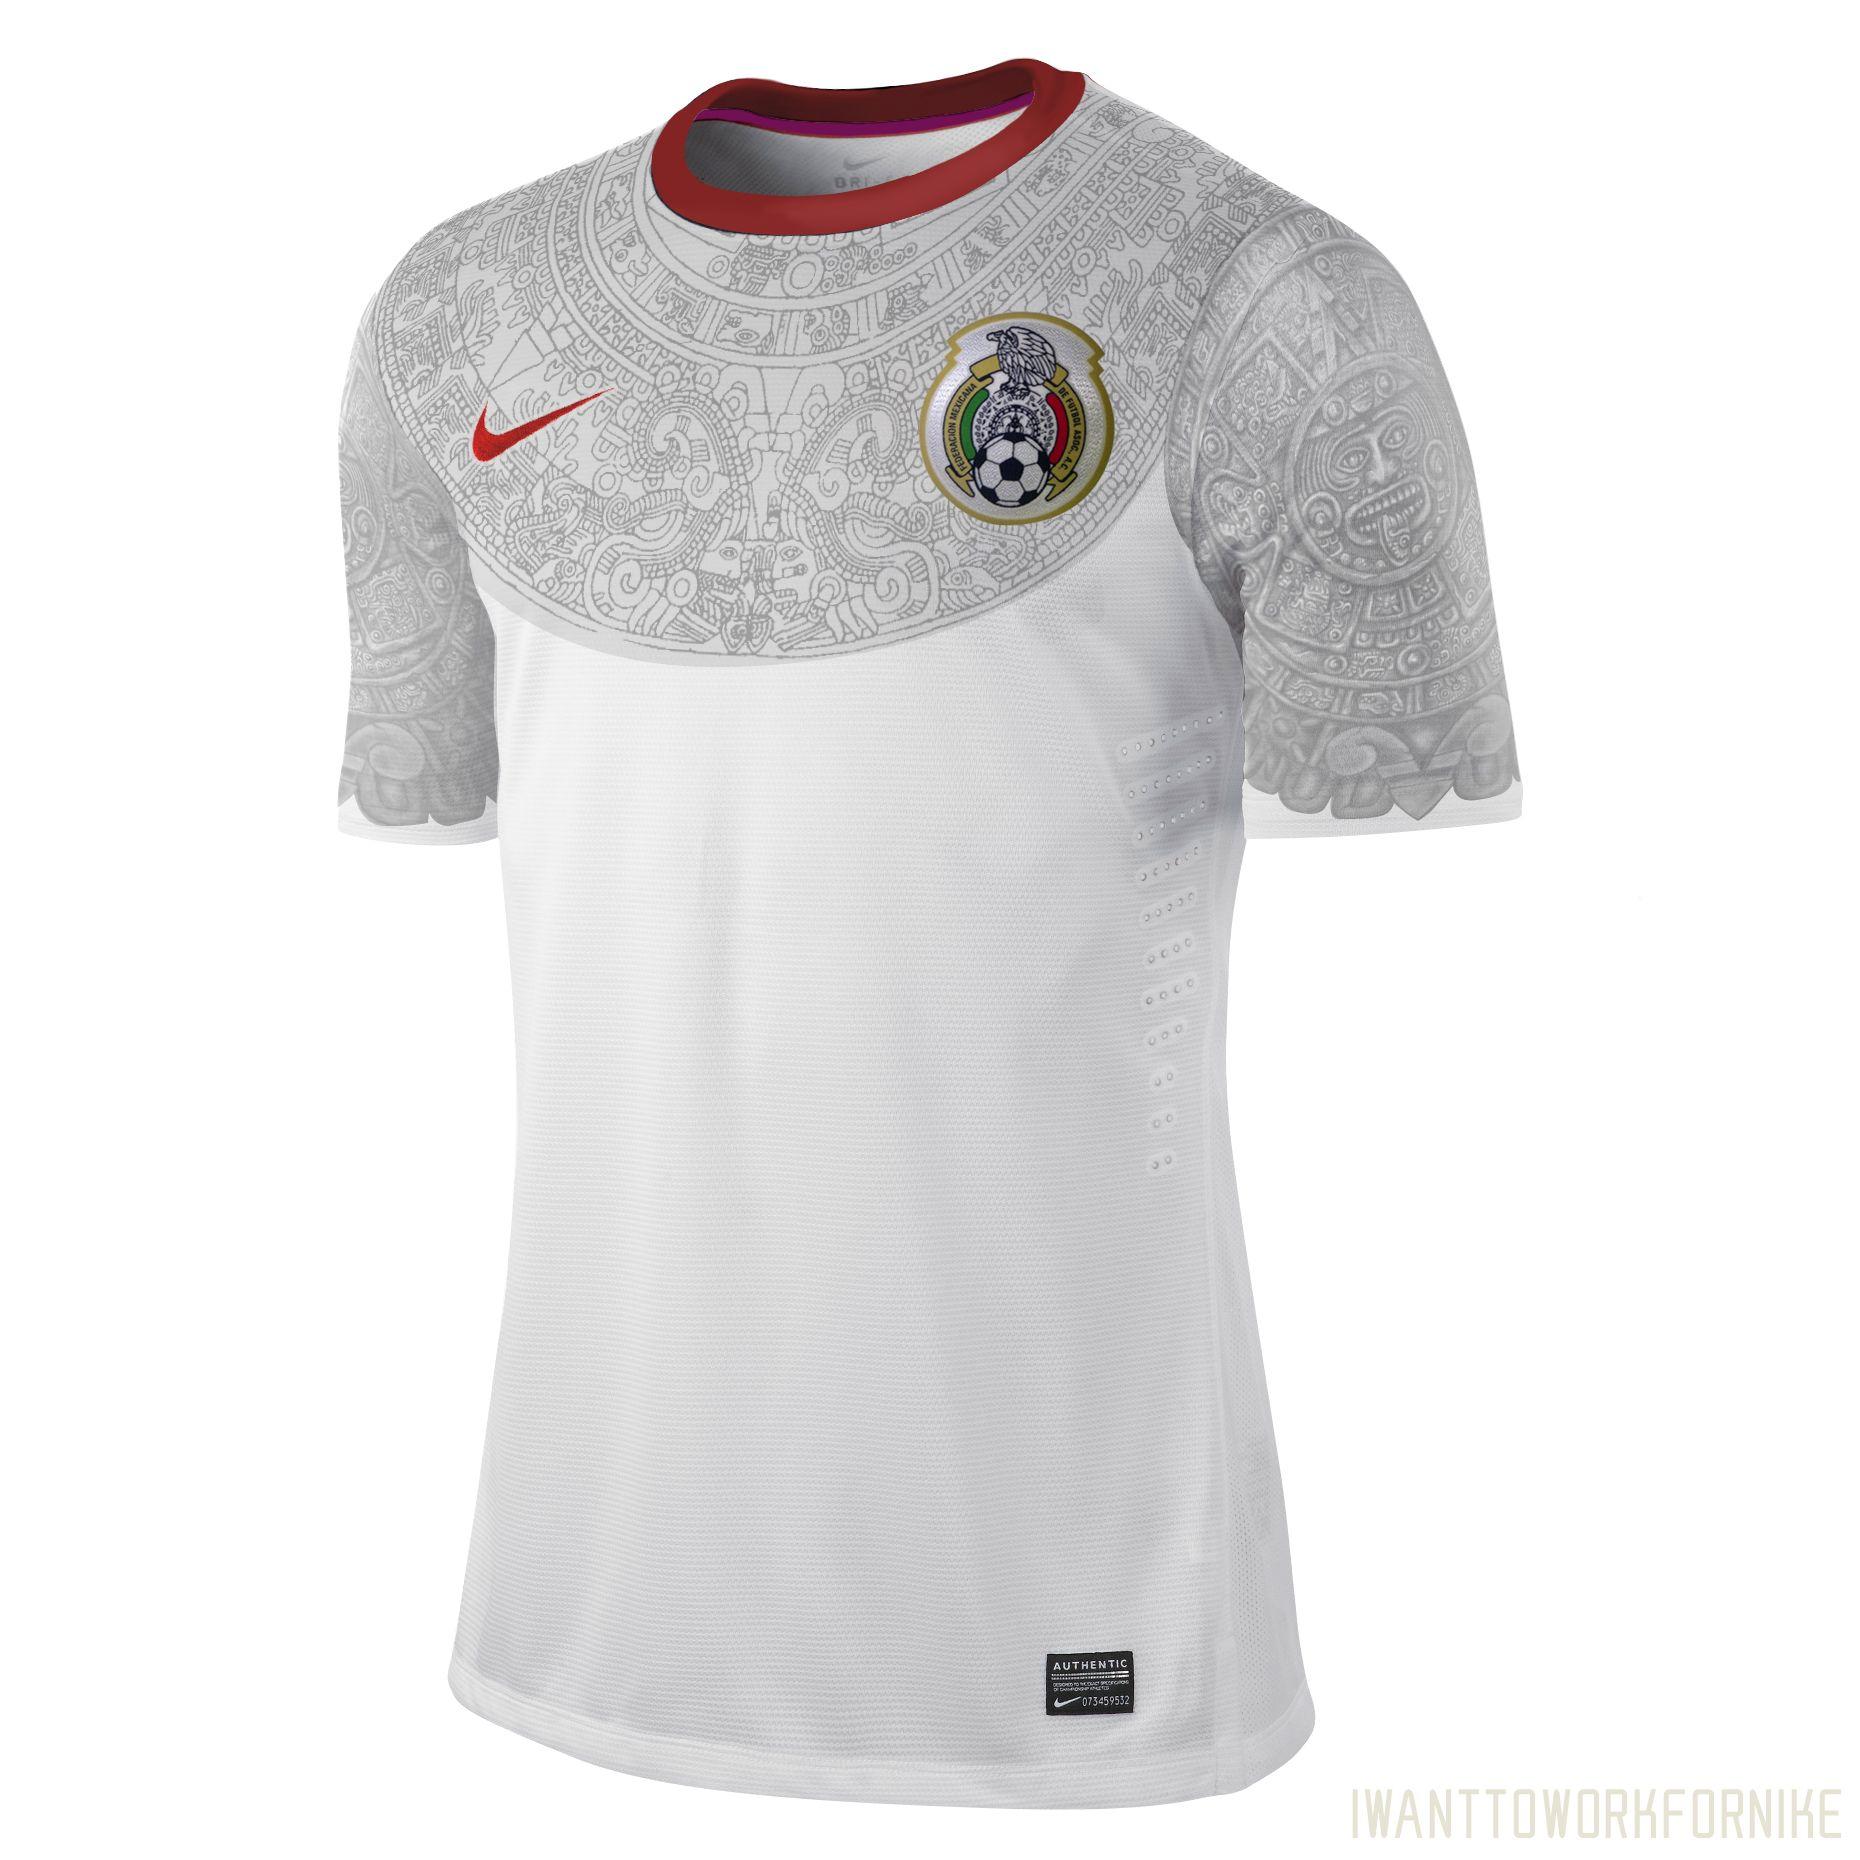 Camisetas · MEXICO concept jersey  146a290dfdae8